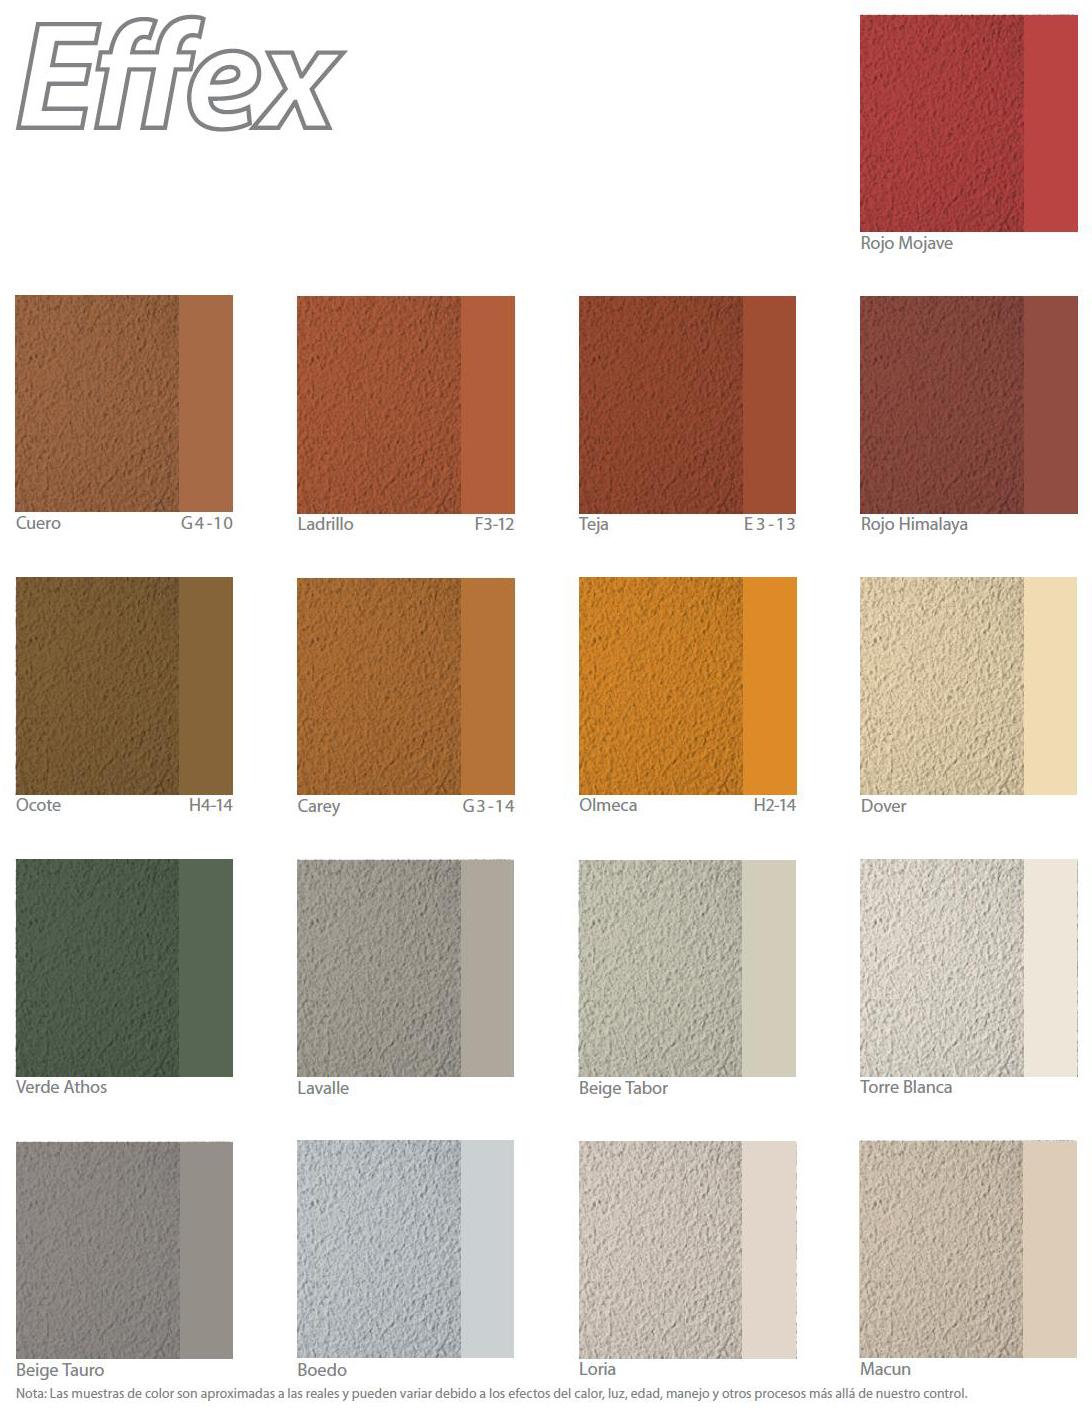 Decorar cuartos con manualidades pintura para exteriores for Pintura exterior color arena